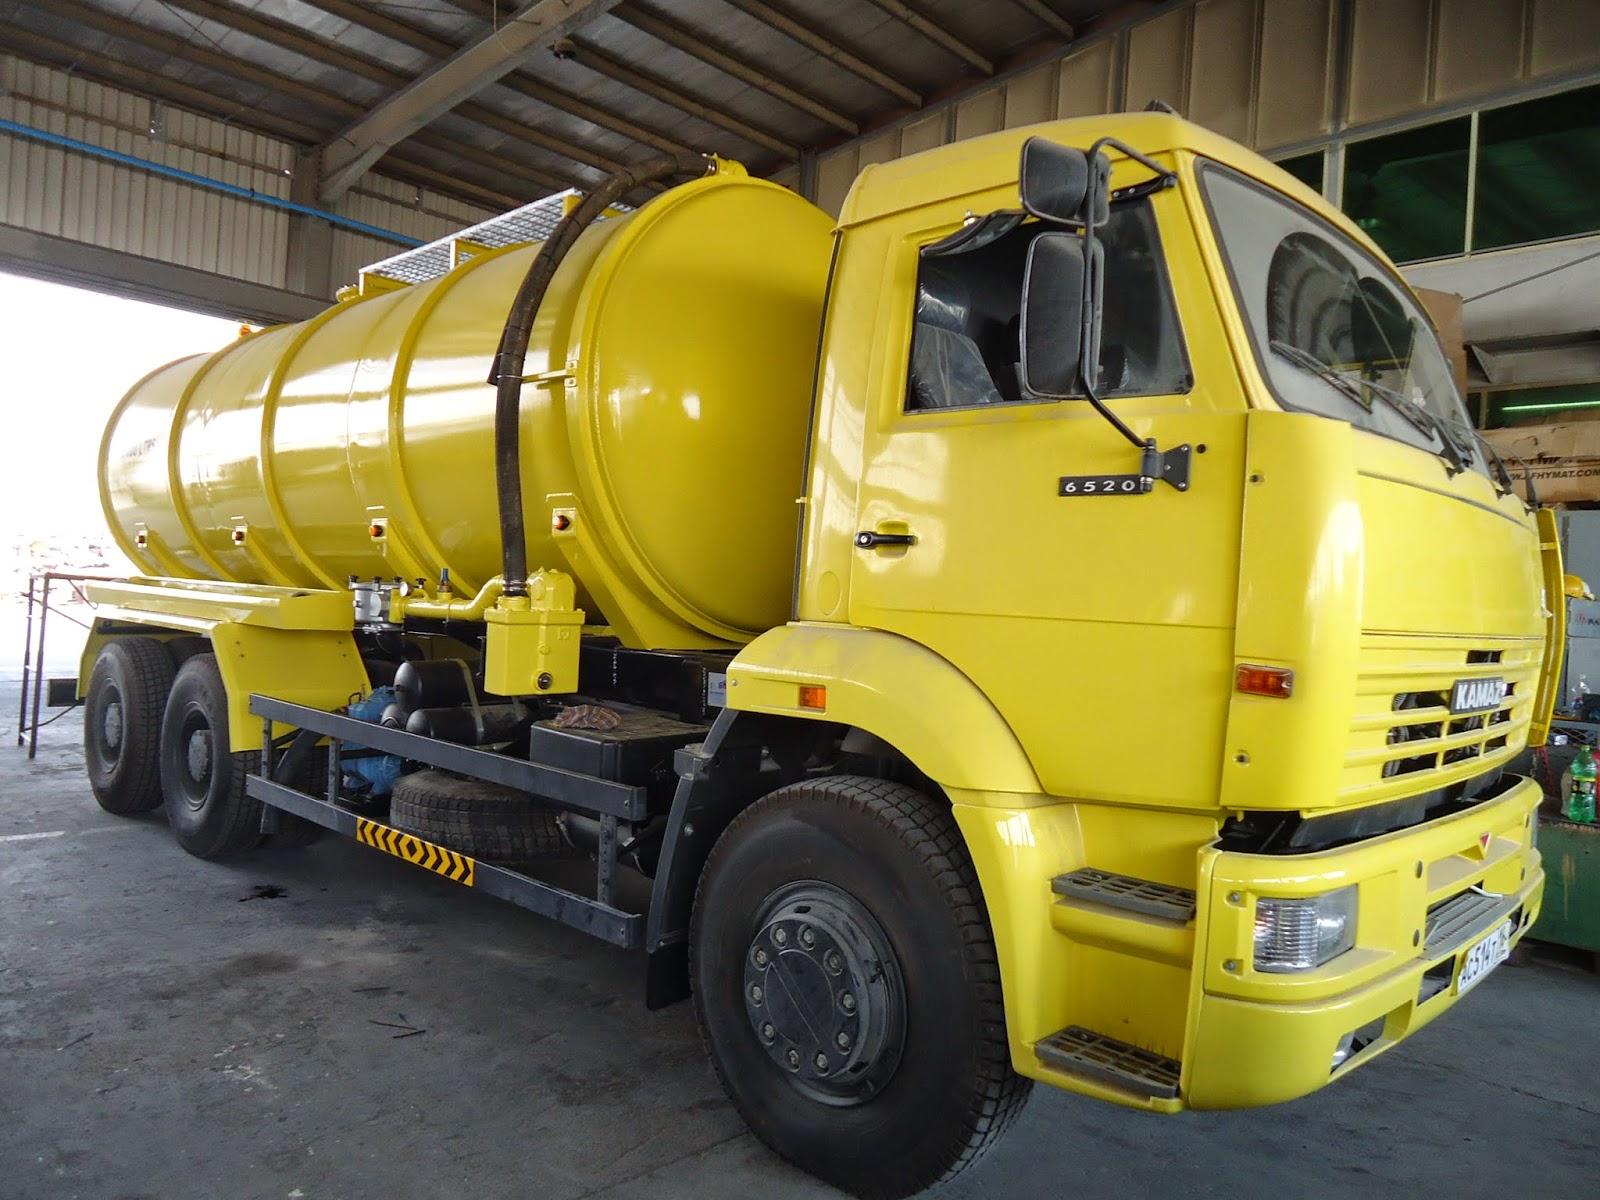 بن هويدي لصناعه عربات النقل bin huwaidi vehicle body ...